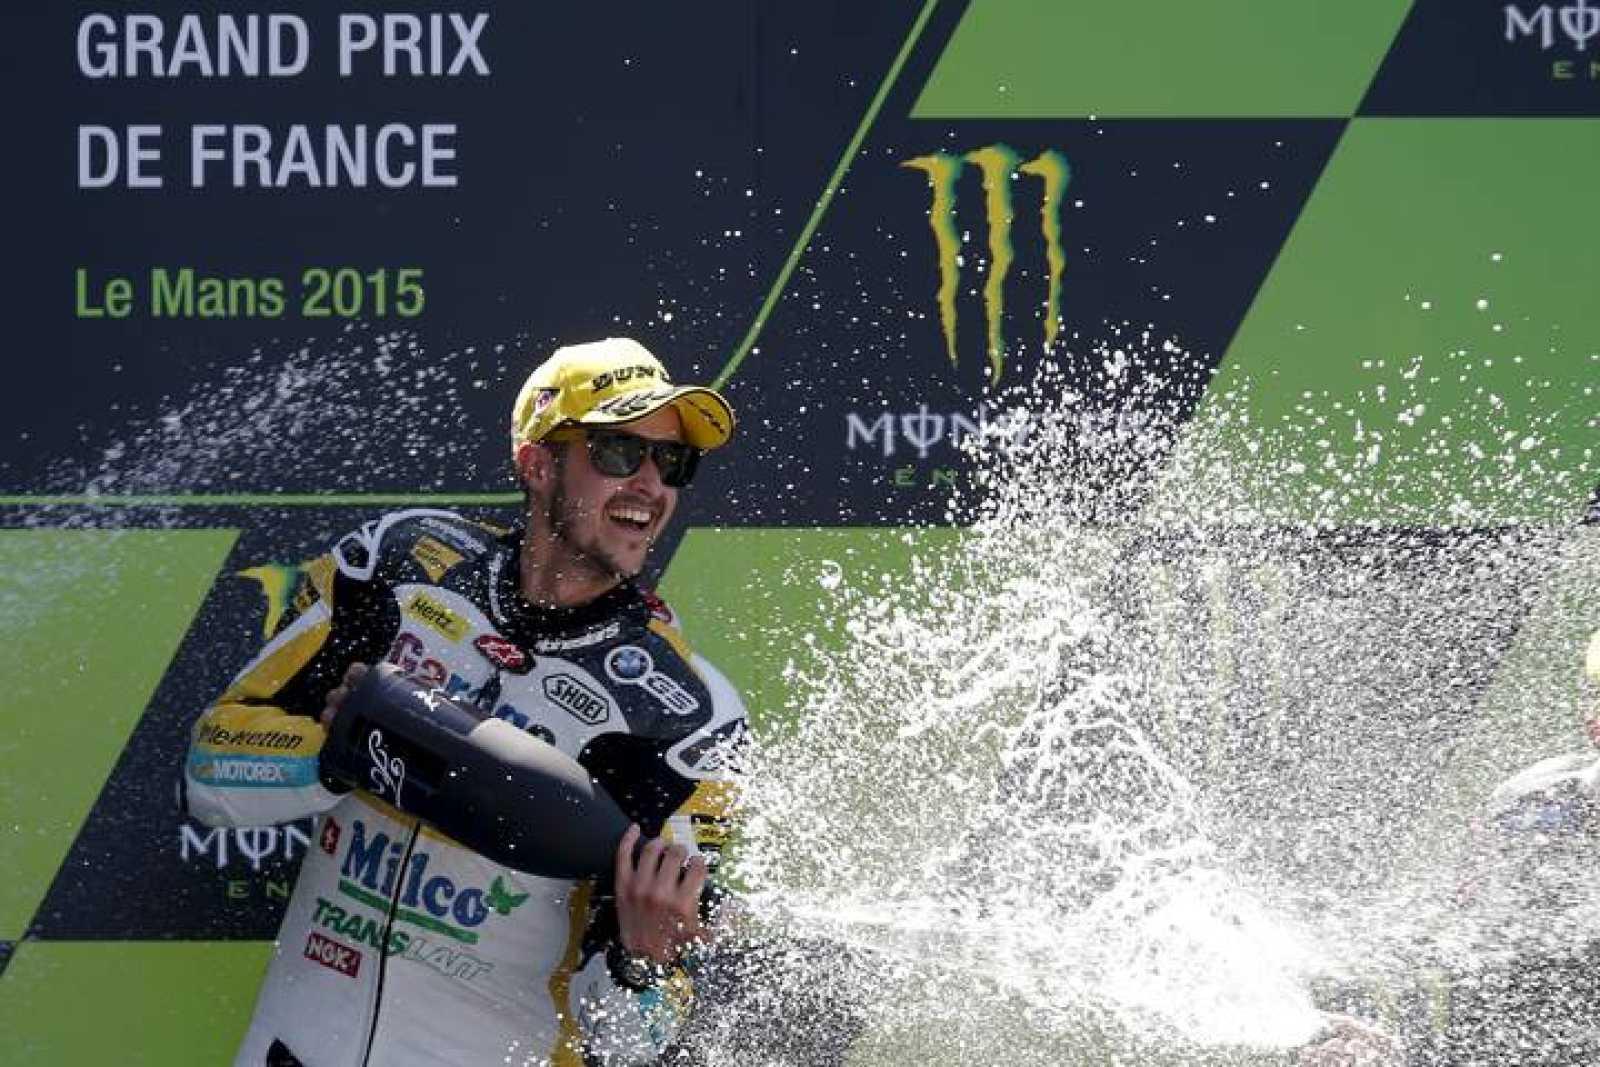 Luthi celebra la victoria en el trazado de Le Mans.